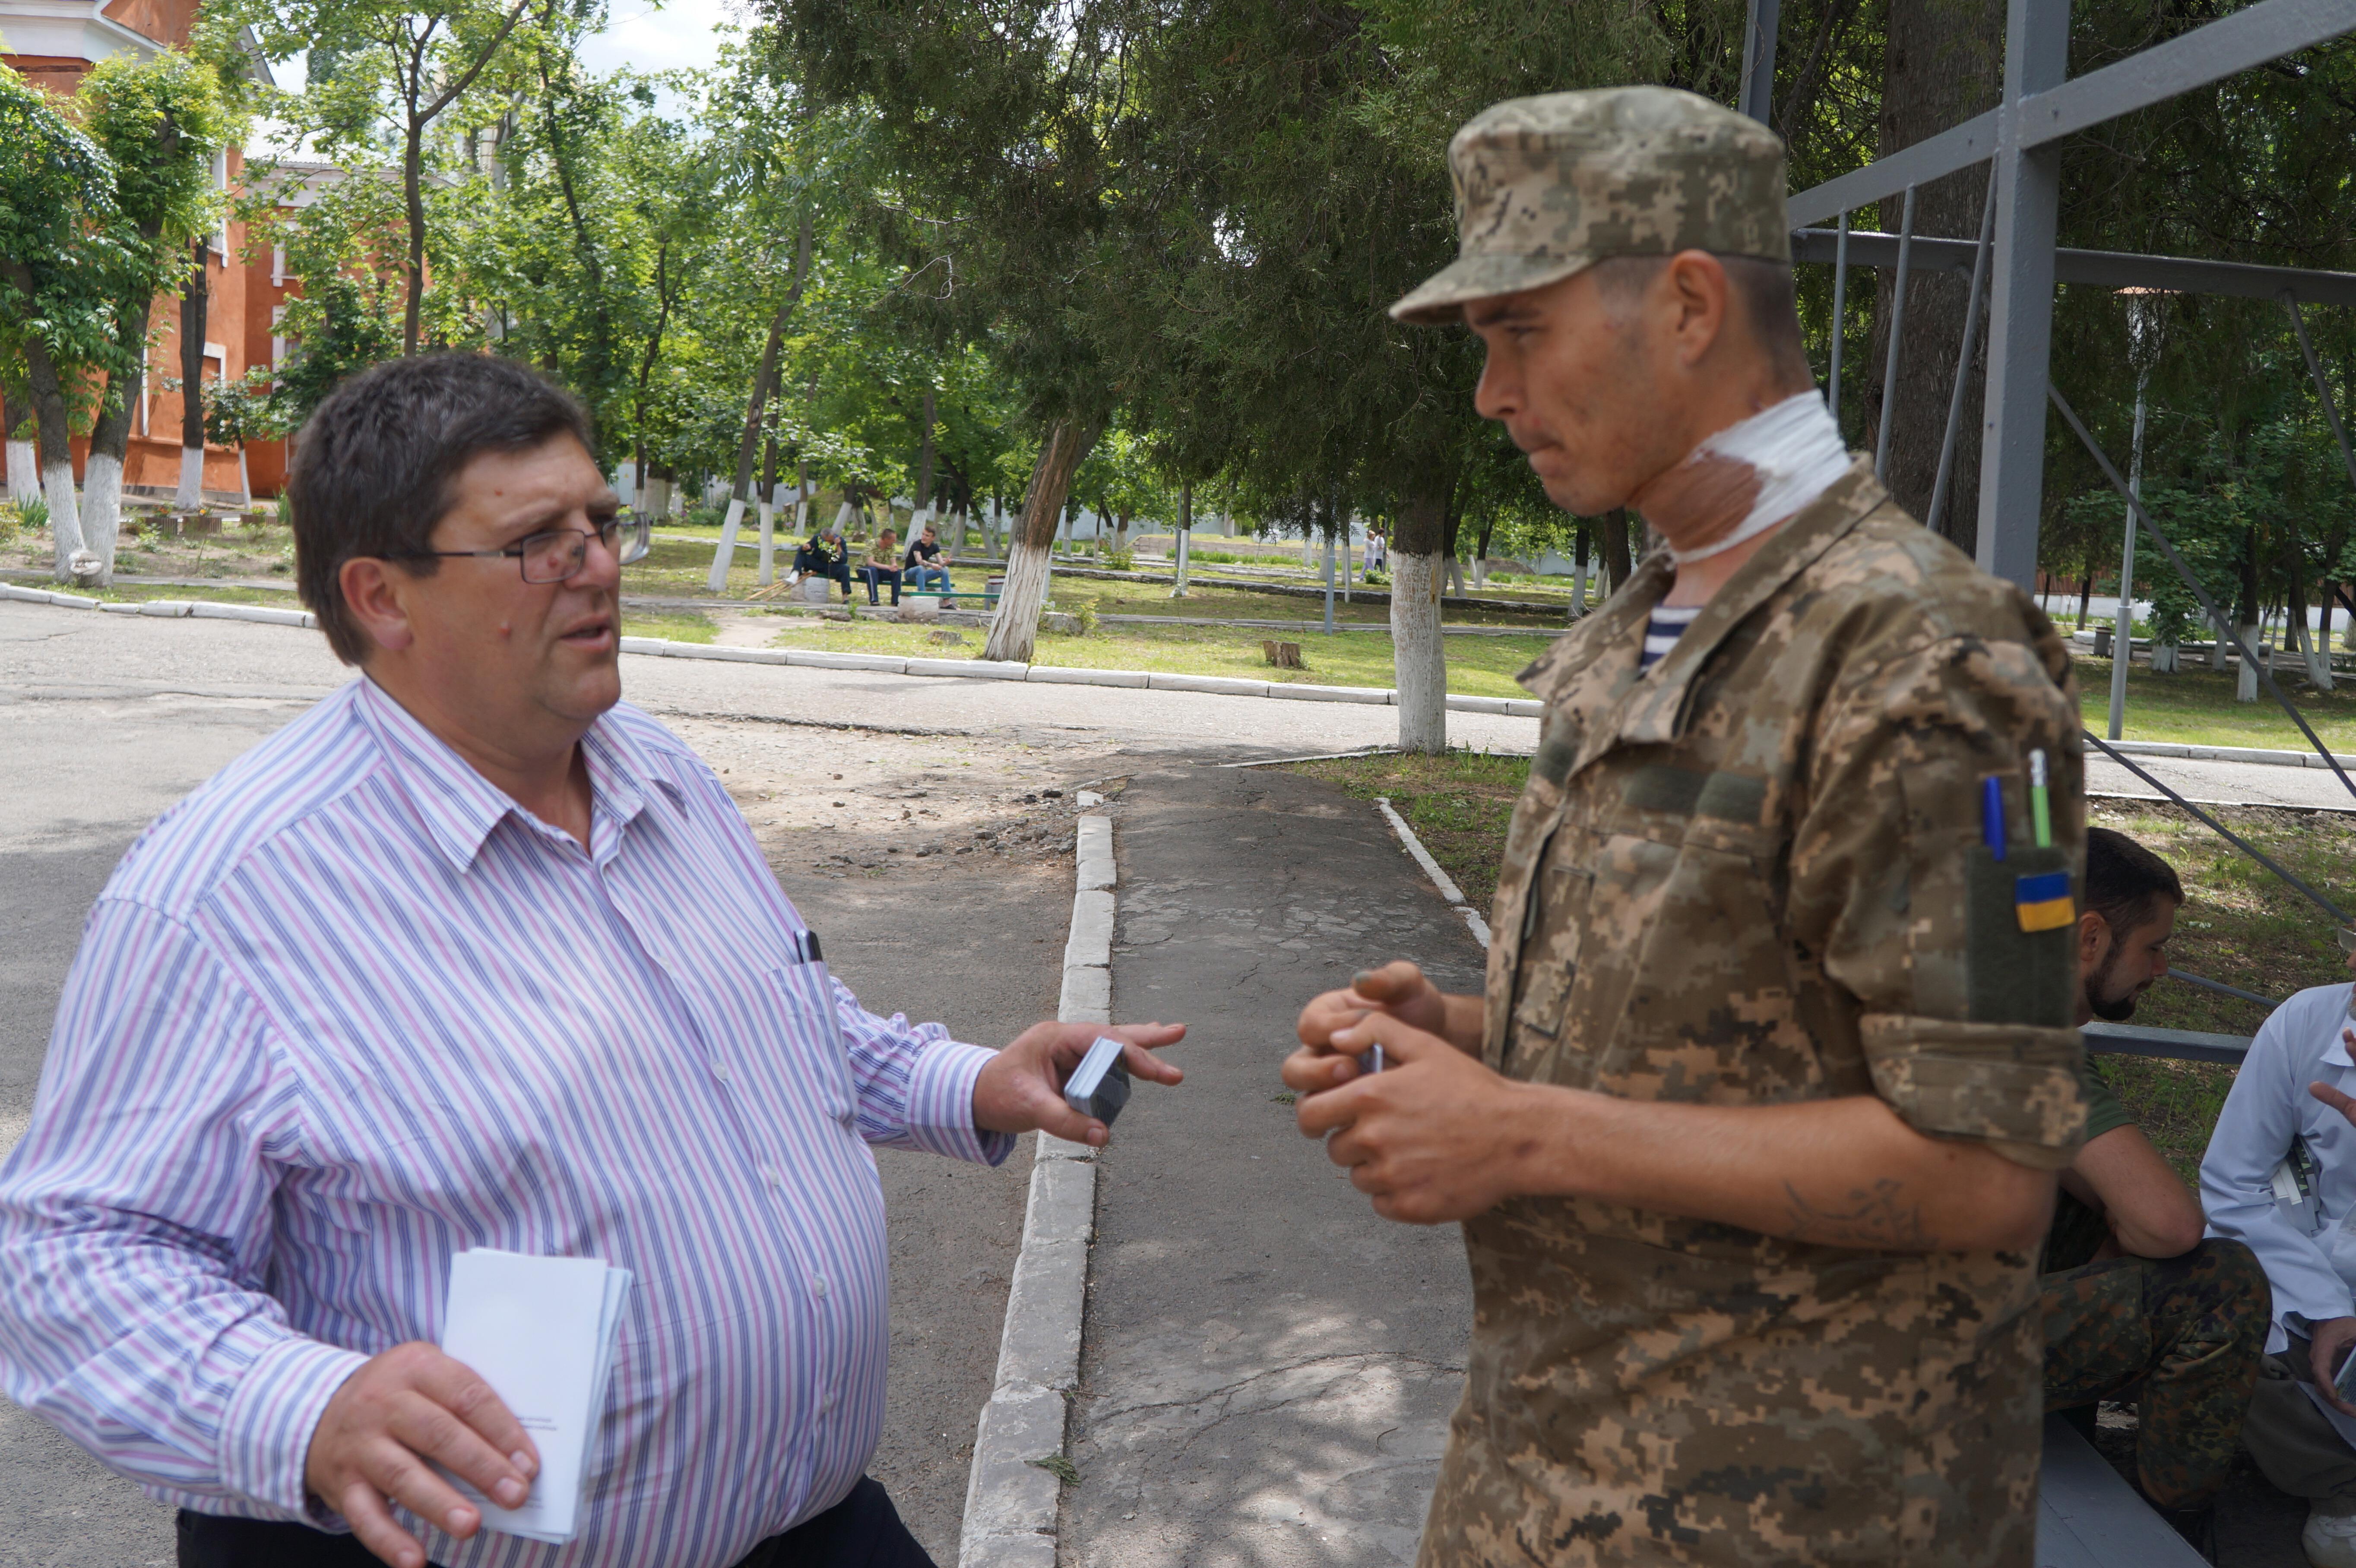 16 June, Hosp Chapl, Mil Hosp, Mykola City, Mtg soldiers(3)